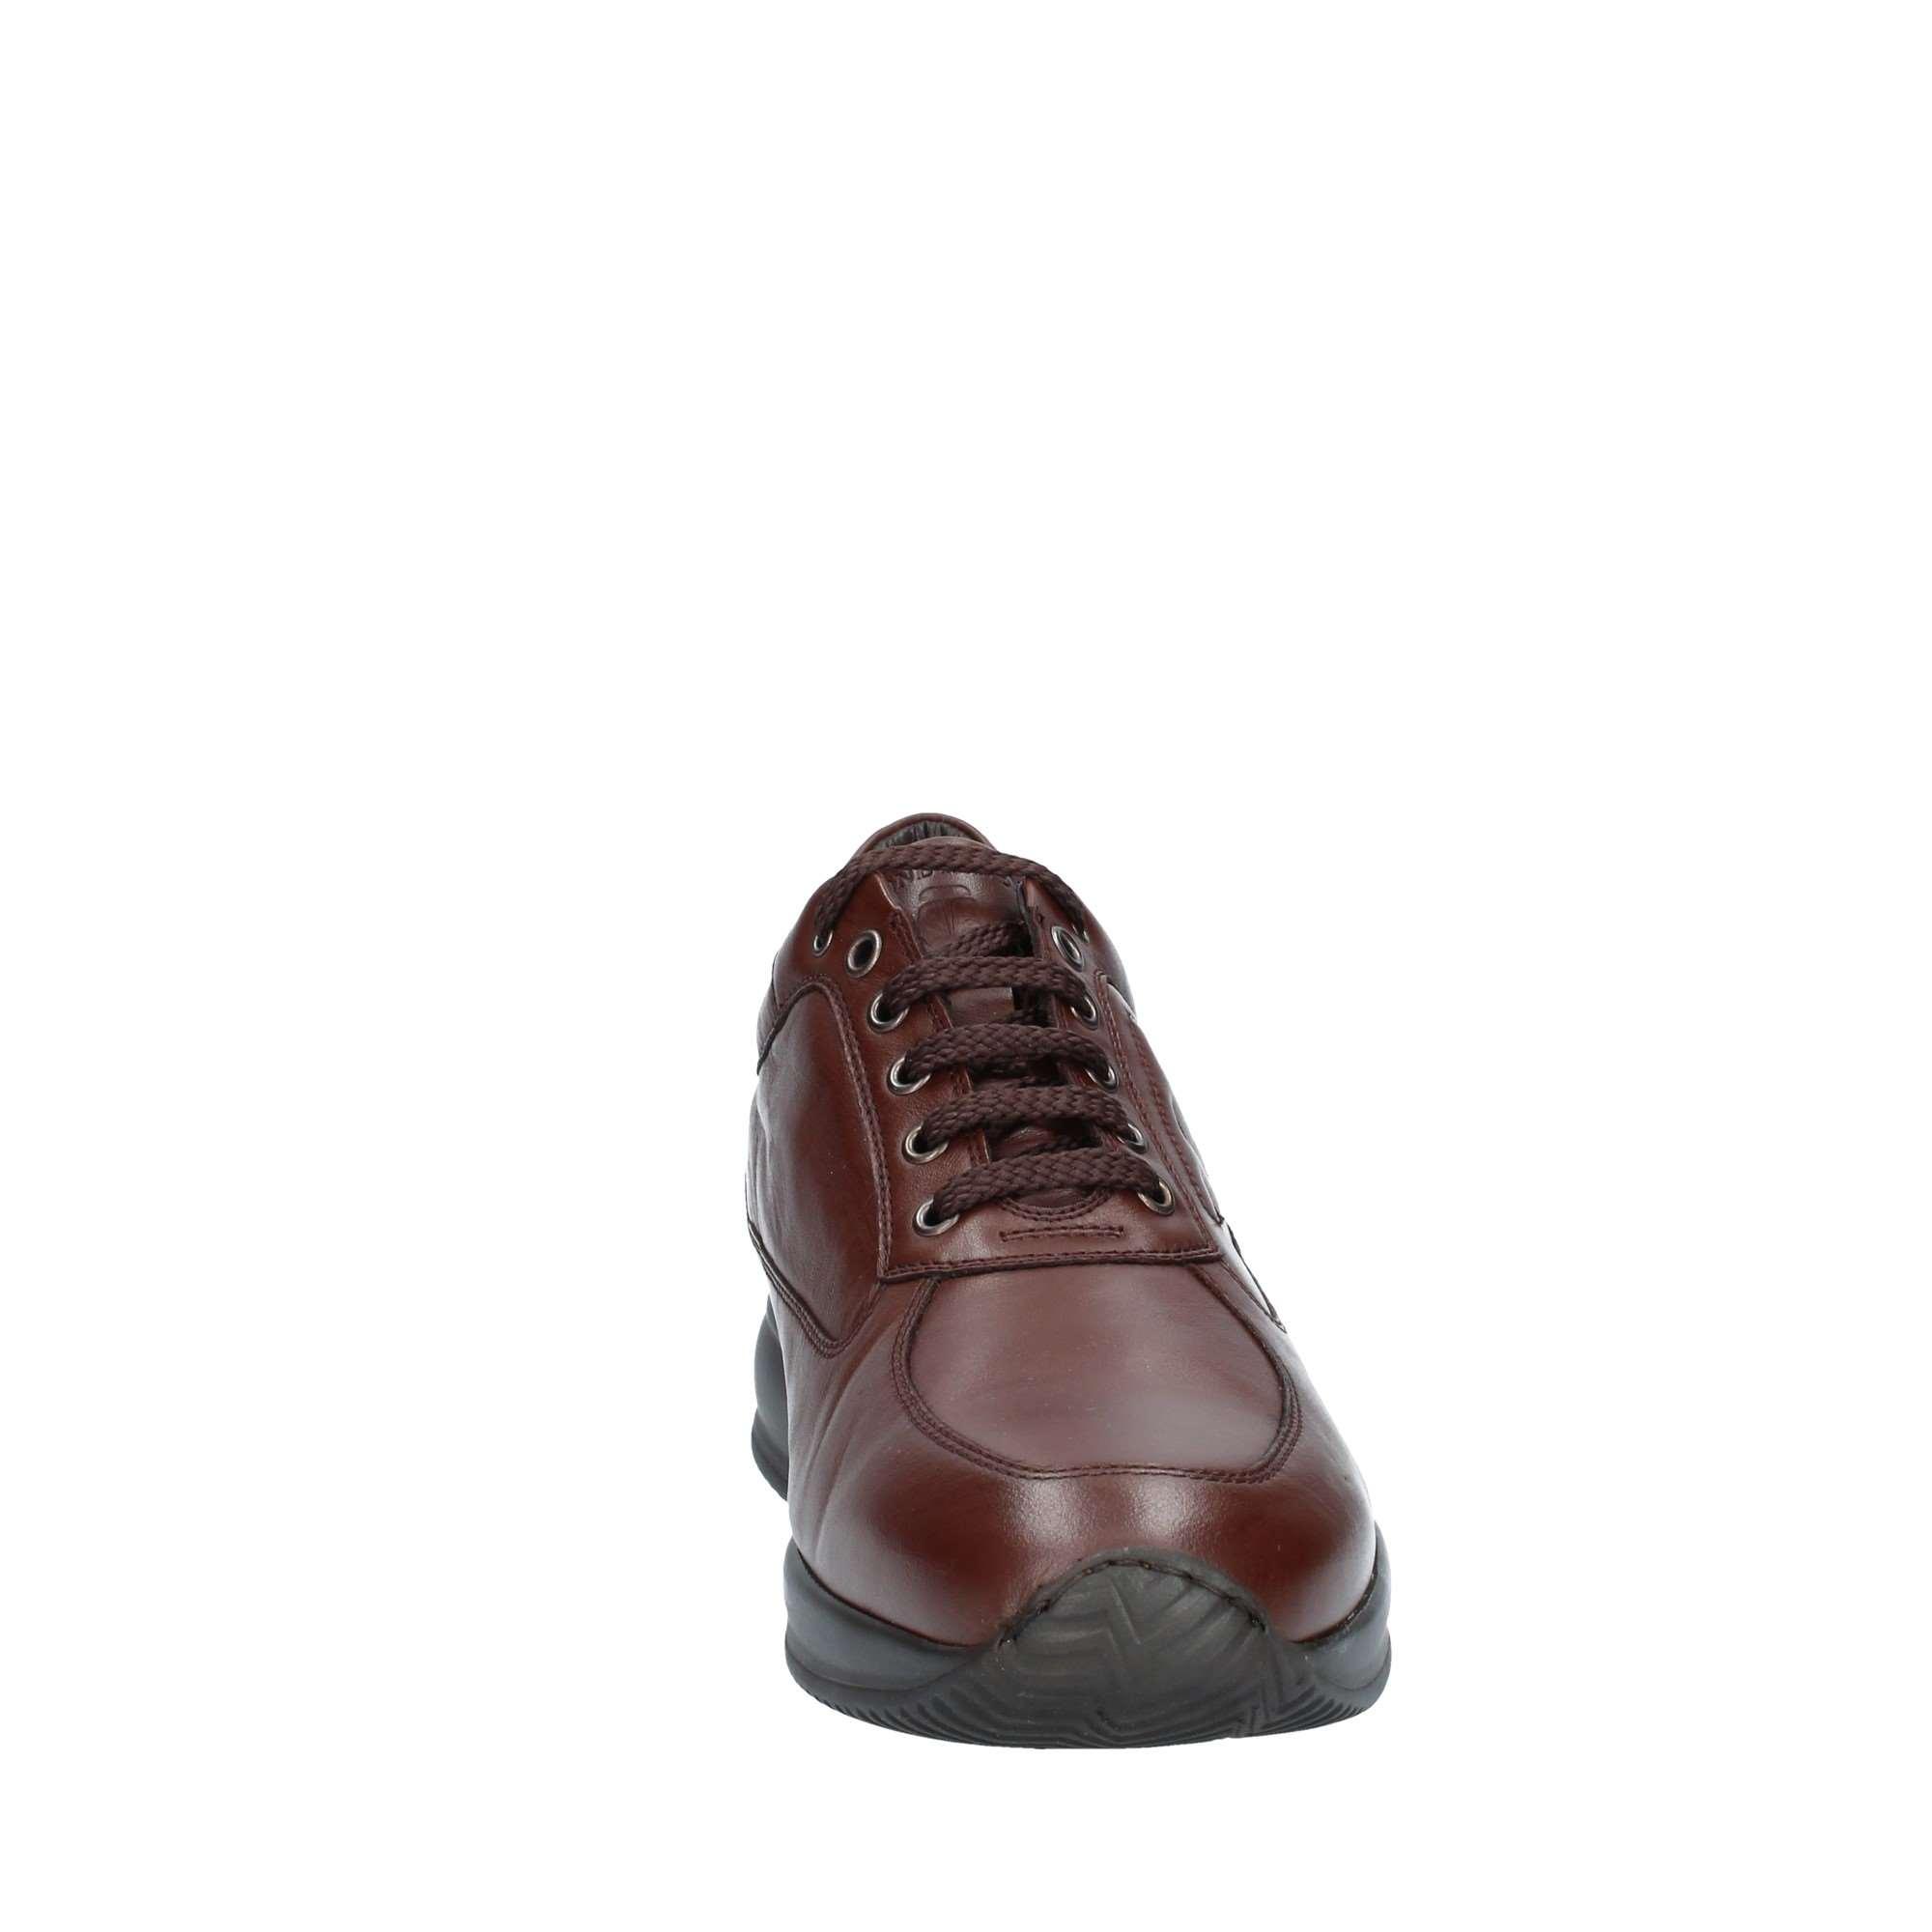 Stone haven 20579 scarpe da ginnastica ginnastica ginnastica Uomo Autunno Inverno | Fornitura sufficiente  8a6f1b